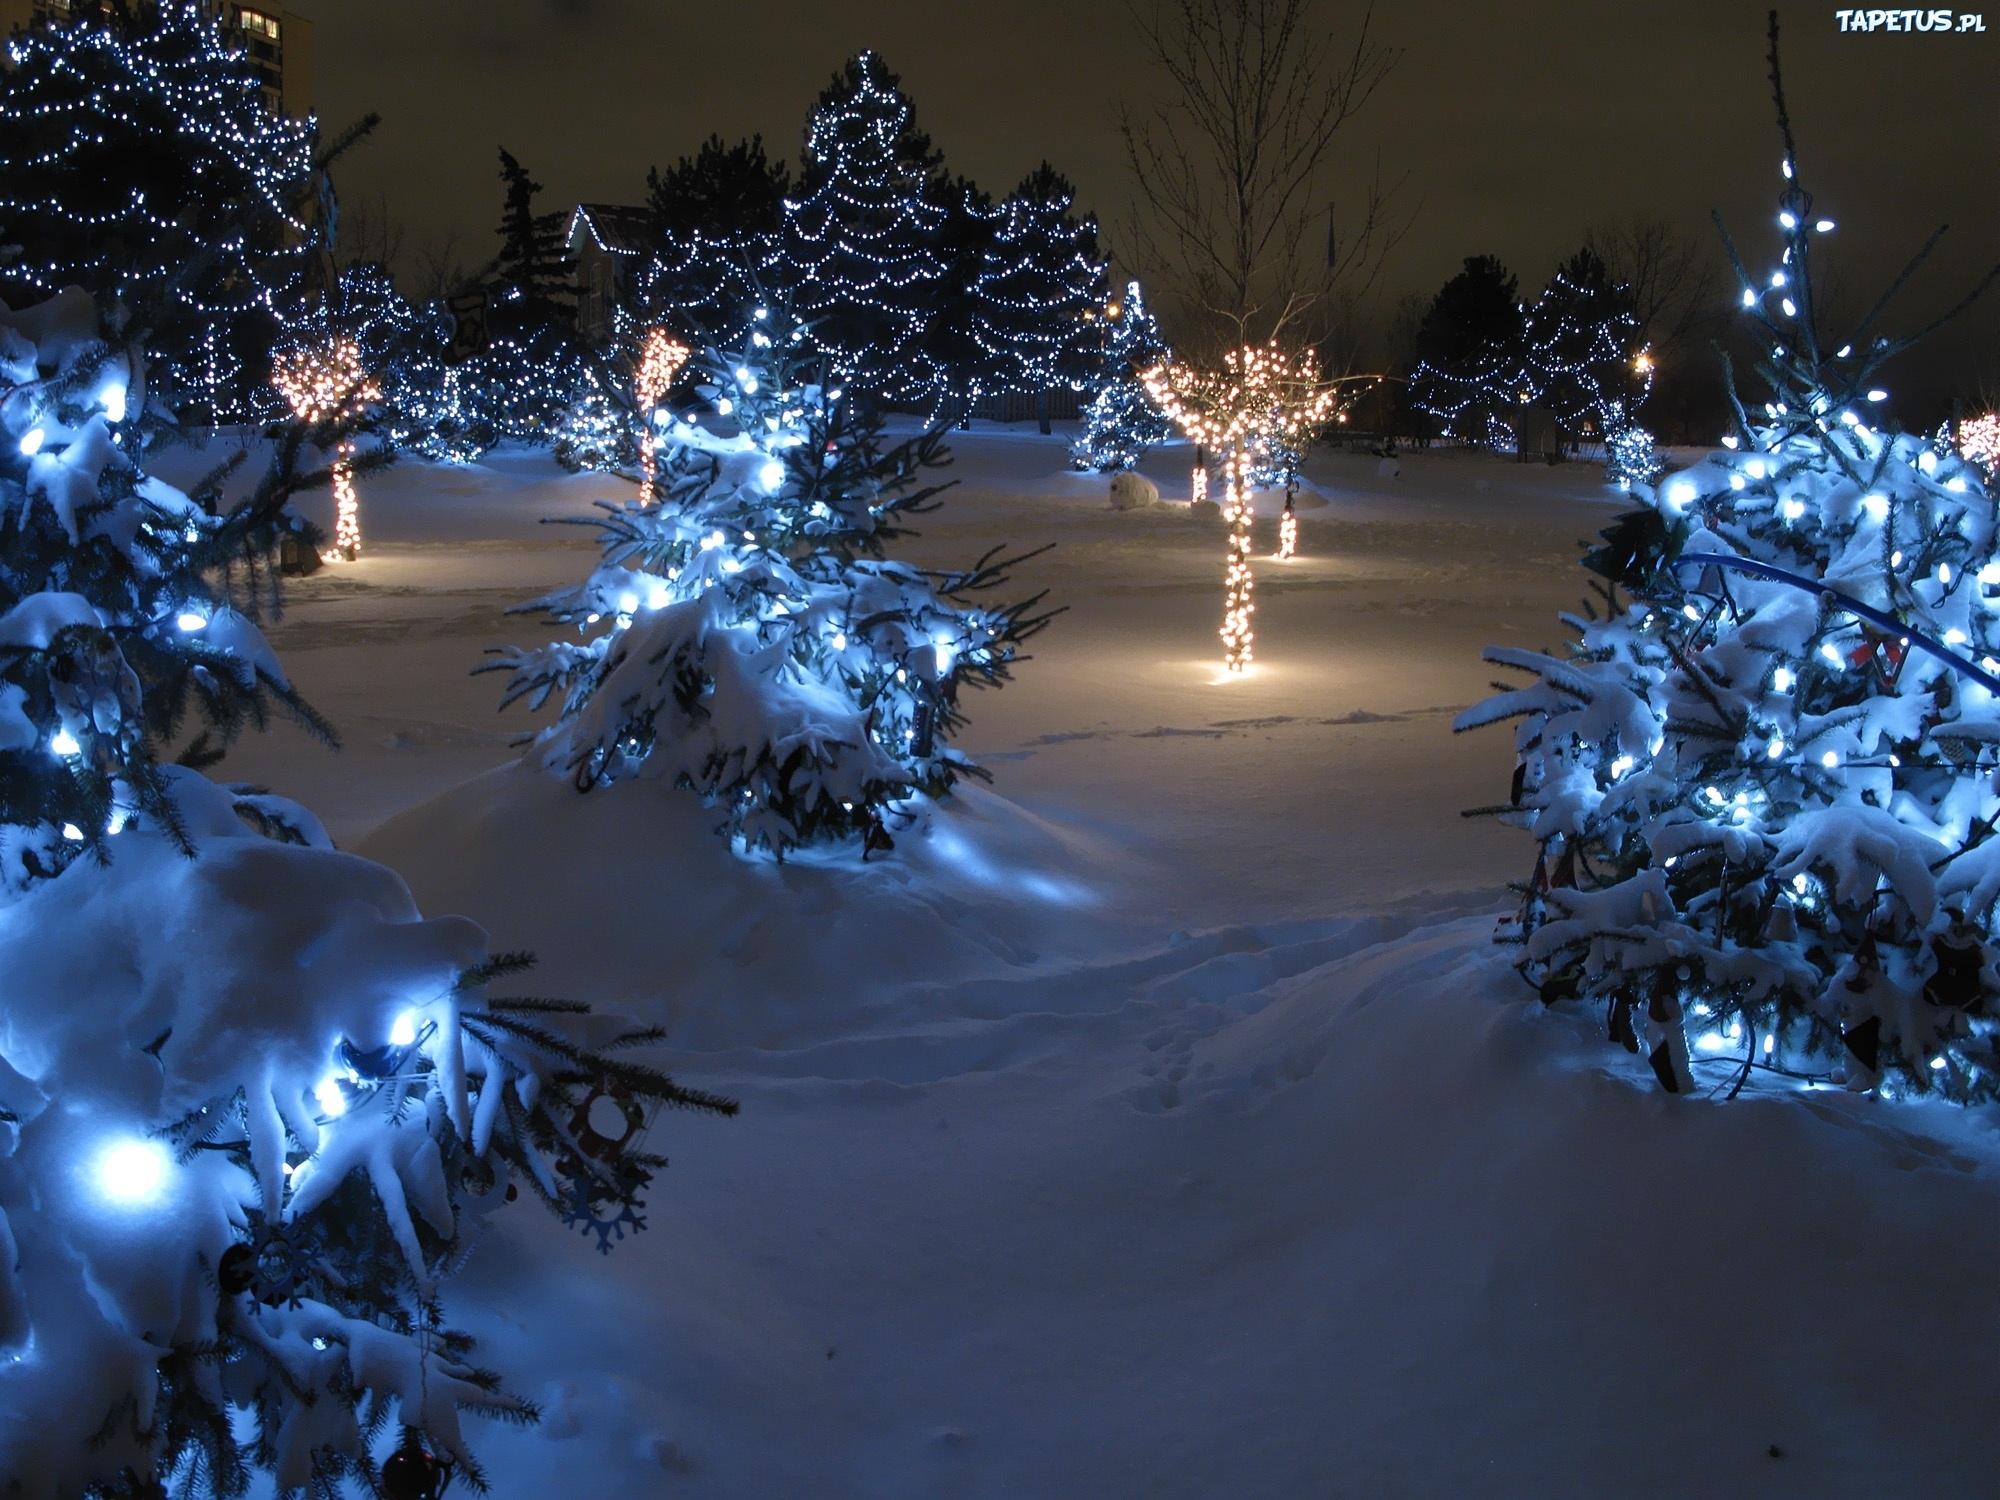 ель огни снег  № 3330360 бесплатно